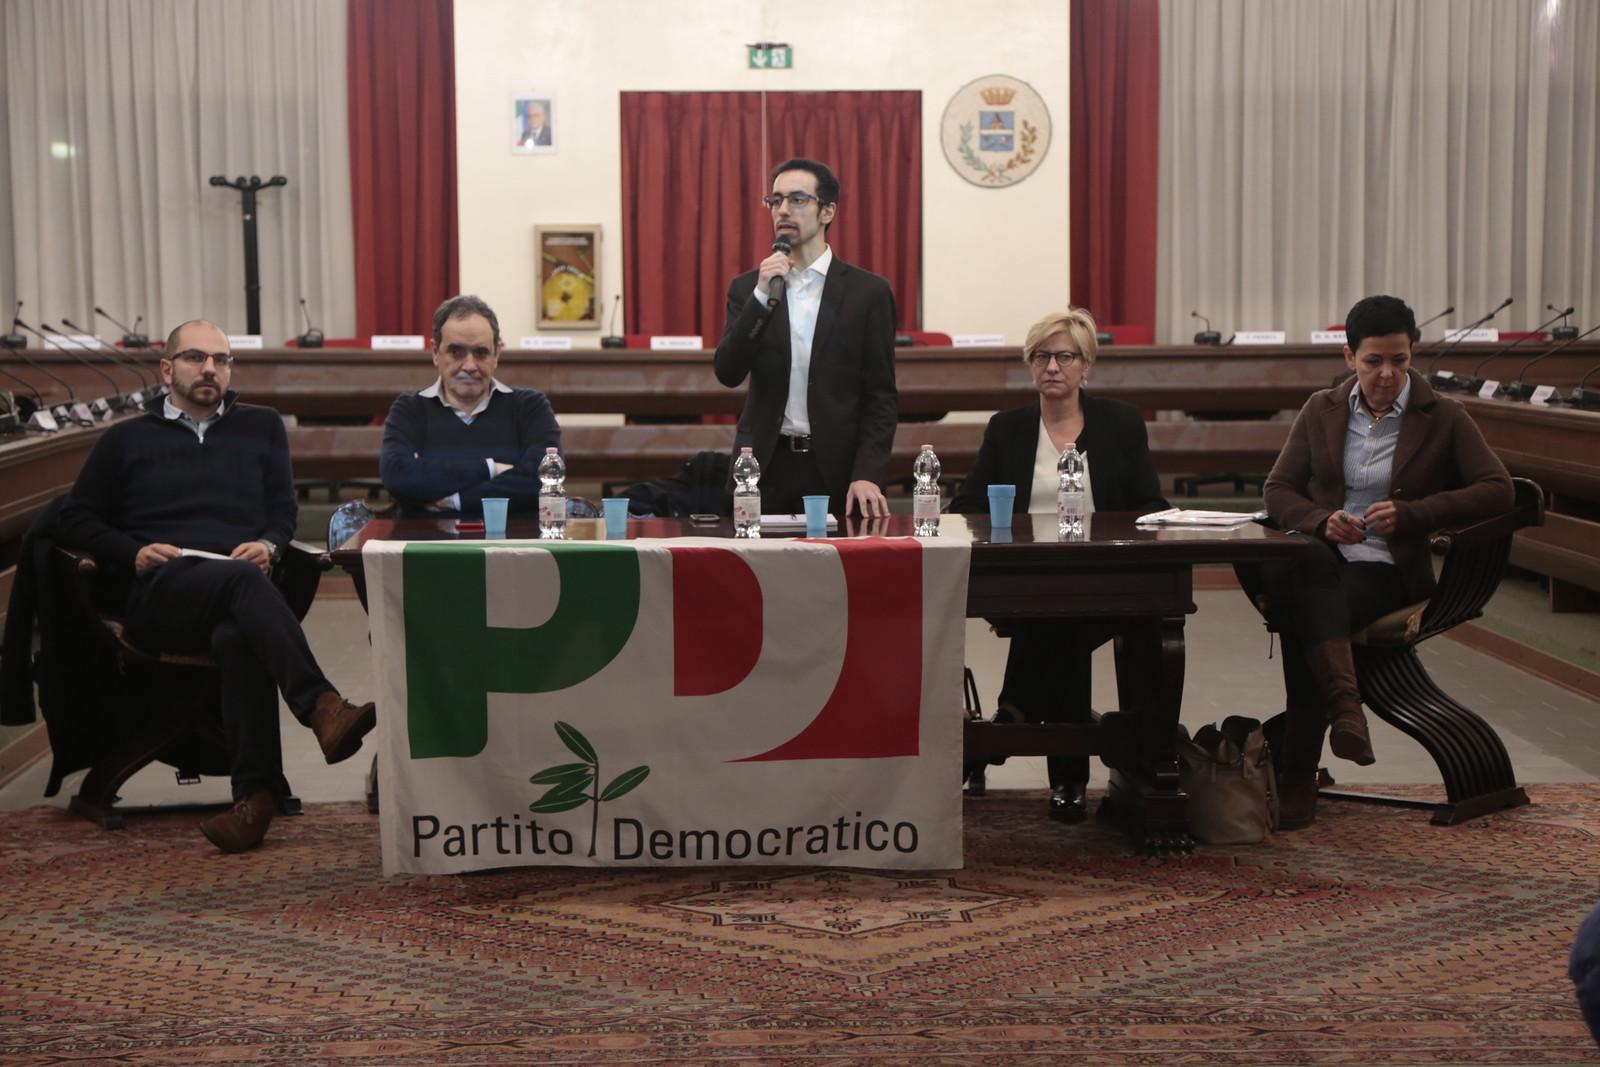 Nicola Zingaretti - per sostenere candidatura alle prossime primarie PD